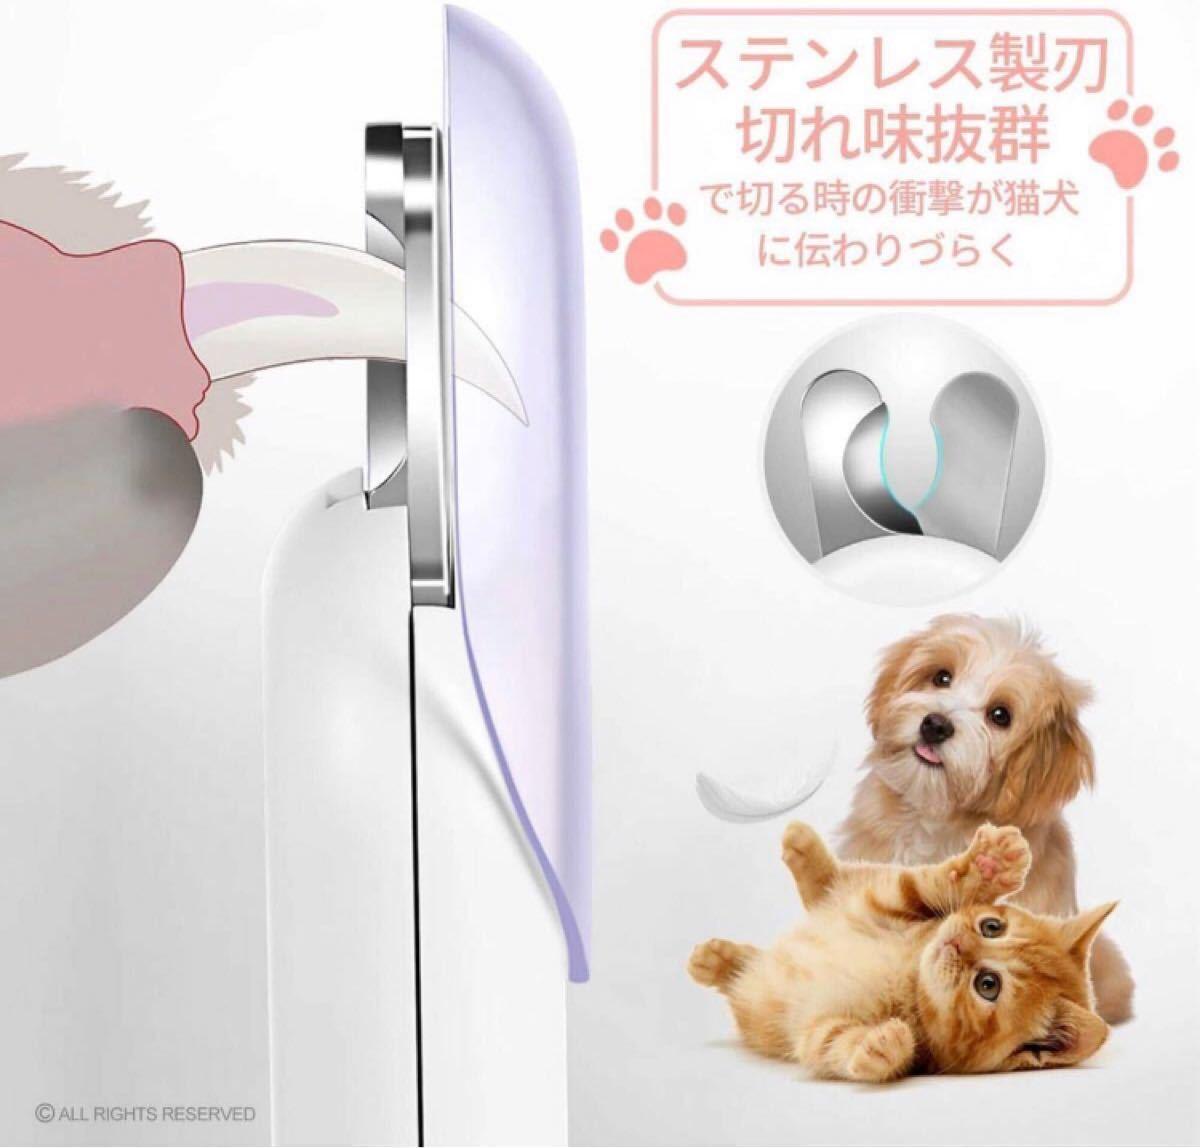 猫犬 ペット用 爪切り 中小型犬 高輝度LEDライト付